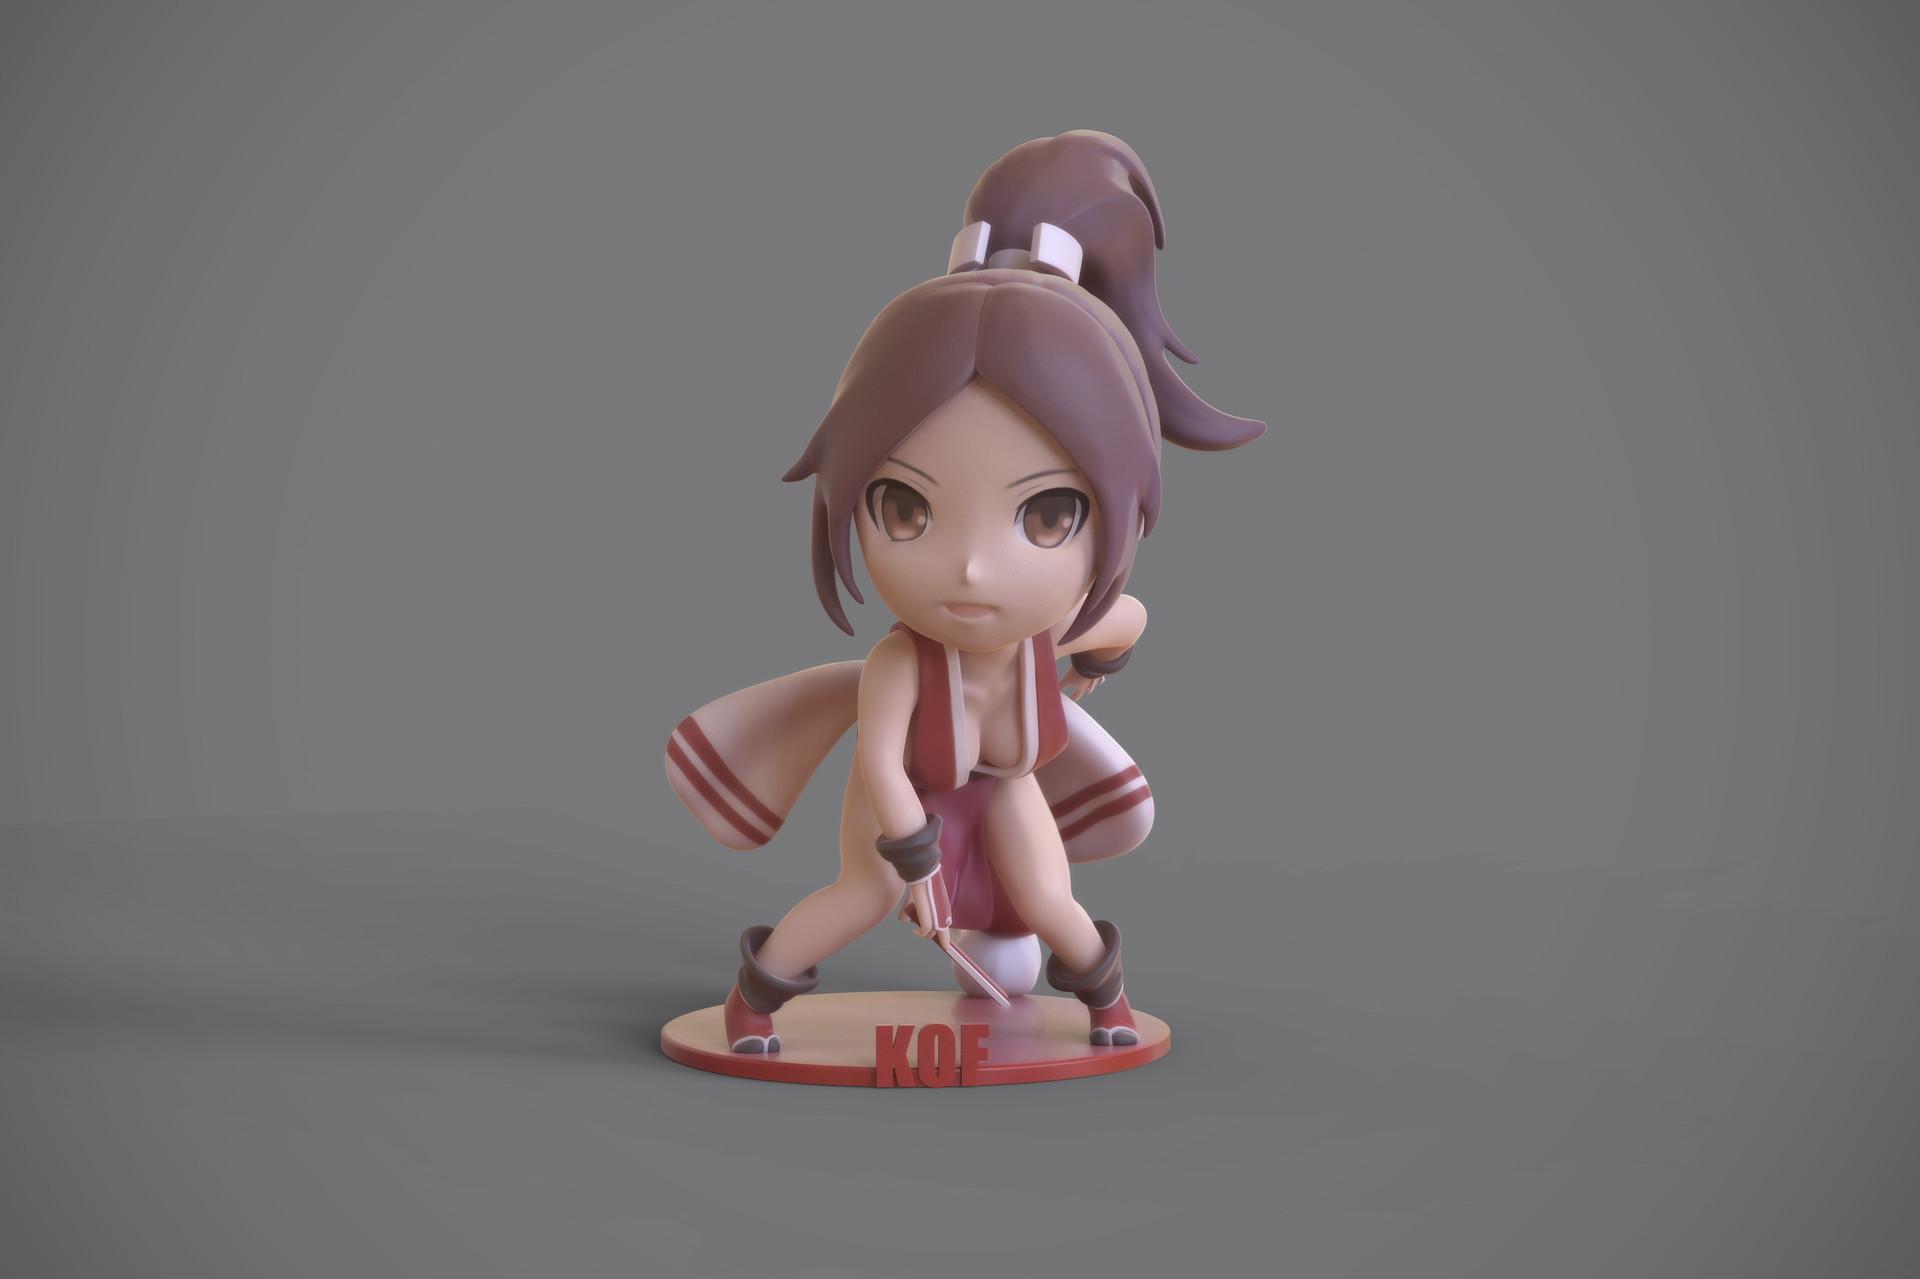 Masatomo suzuki shiranuimairender02